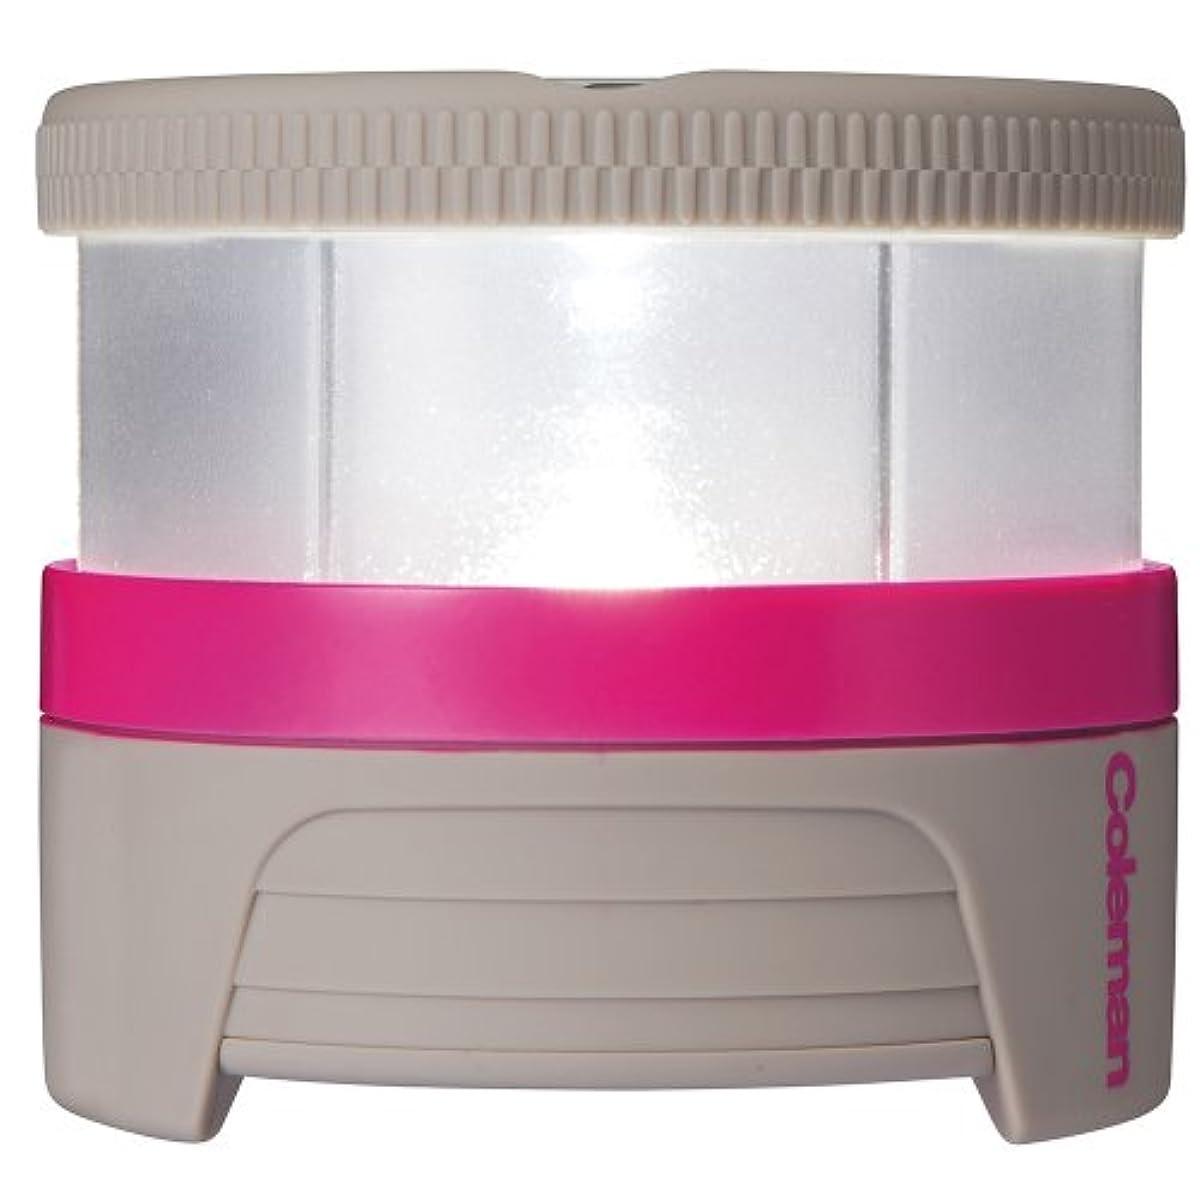 [해외] 콜맨 LED충전식 팩 라이트 그레이/핑크 2000016985